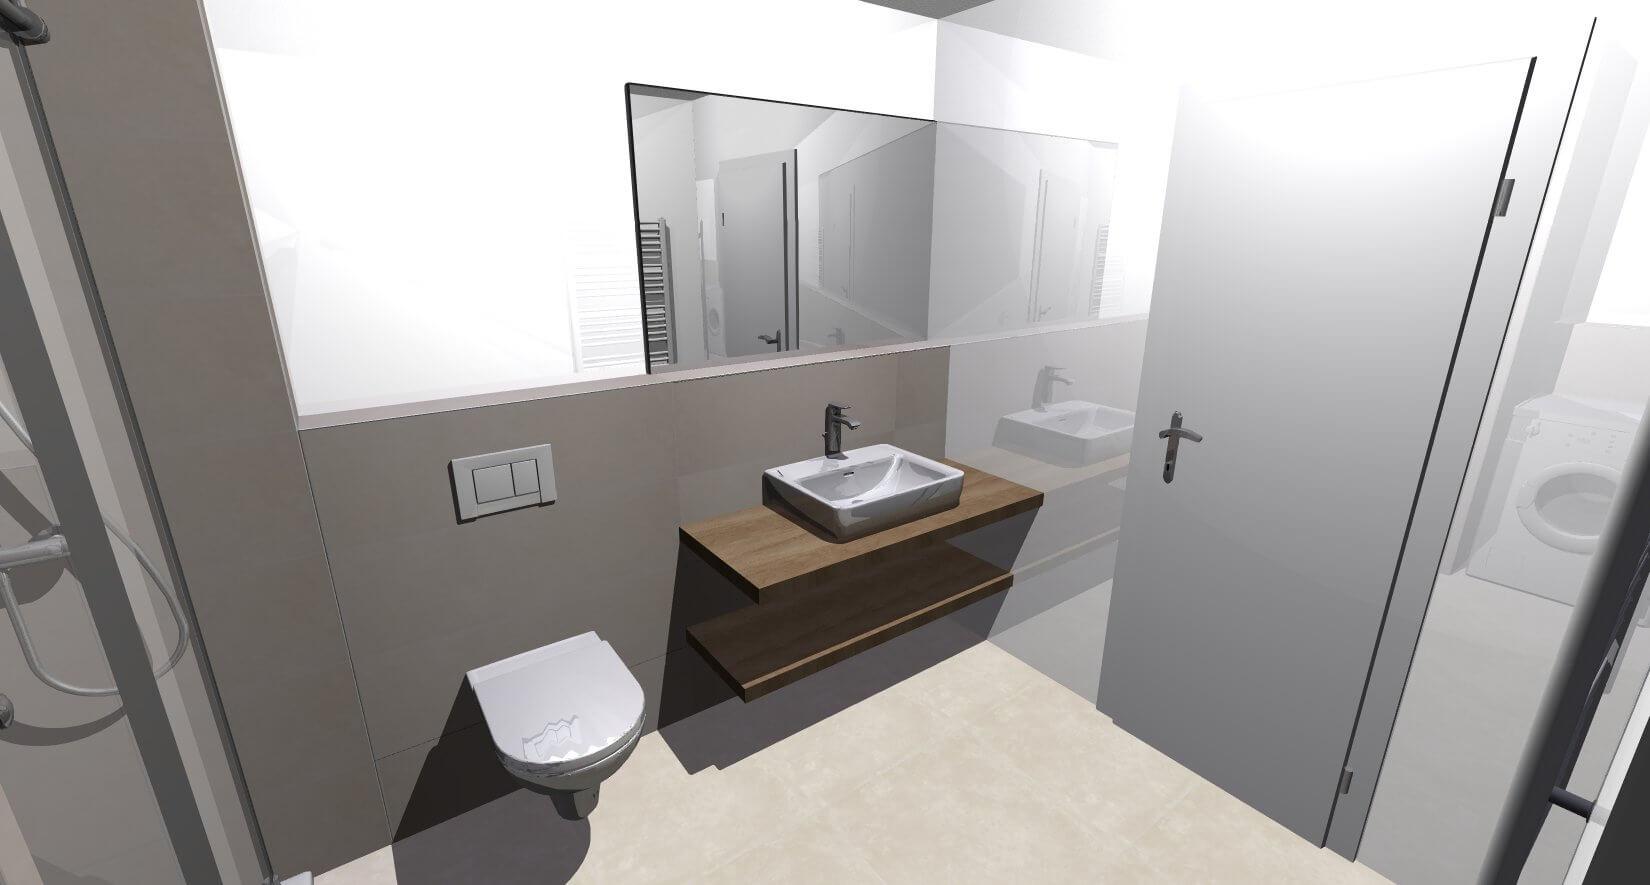 Novostavba posledný 1 izbový byt, širšie centrum v Bratislave, Beskydská ulica, 44,87m2, štandard, terasa 40m2,-11